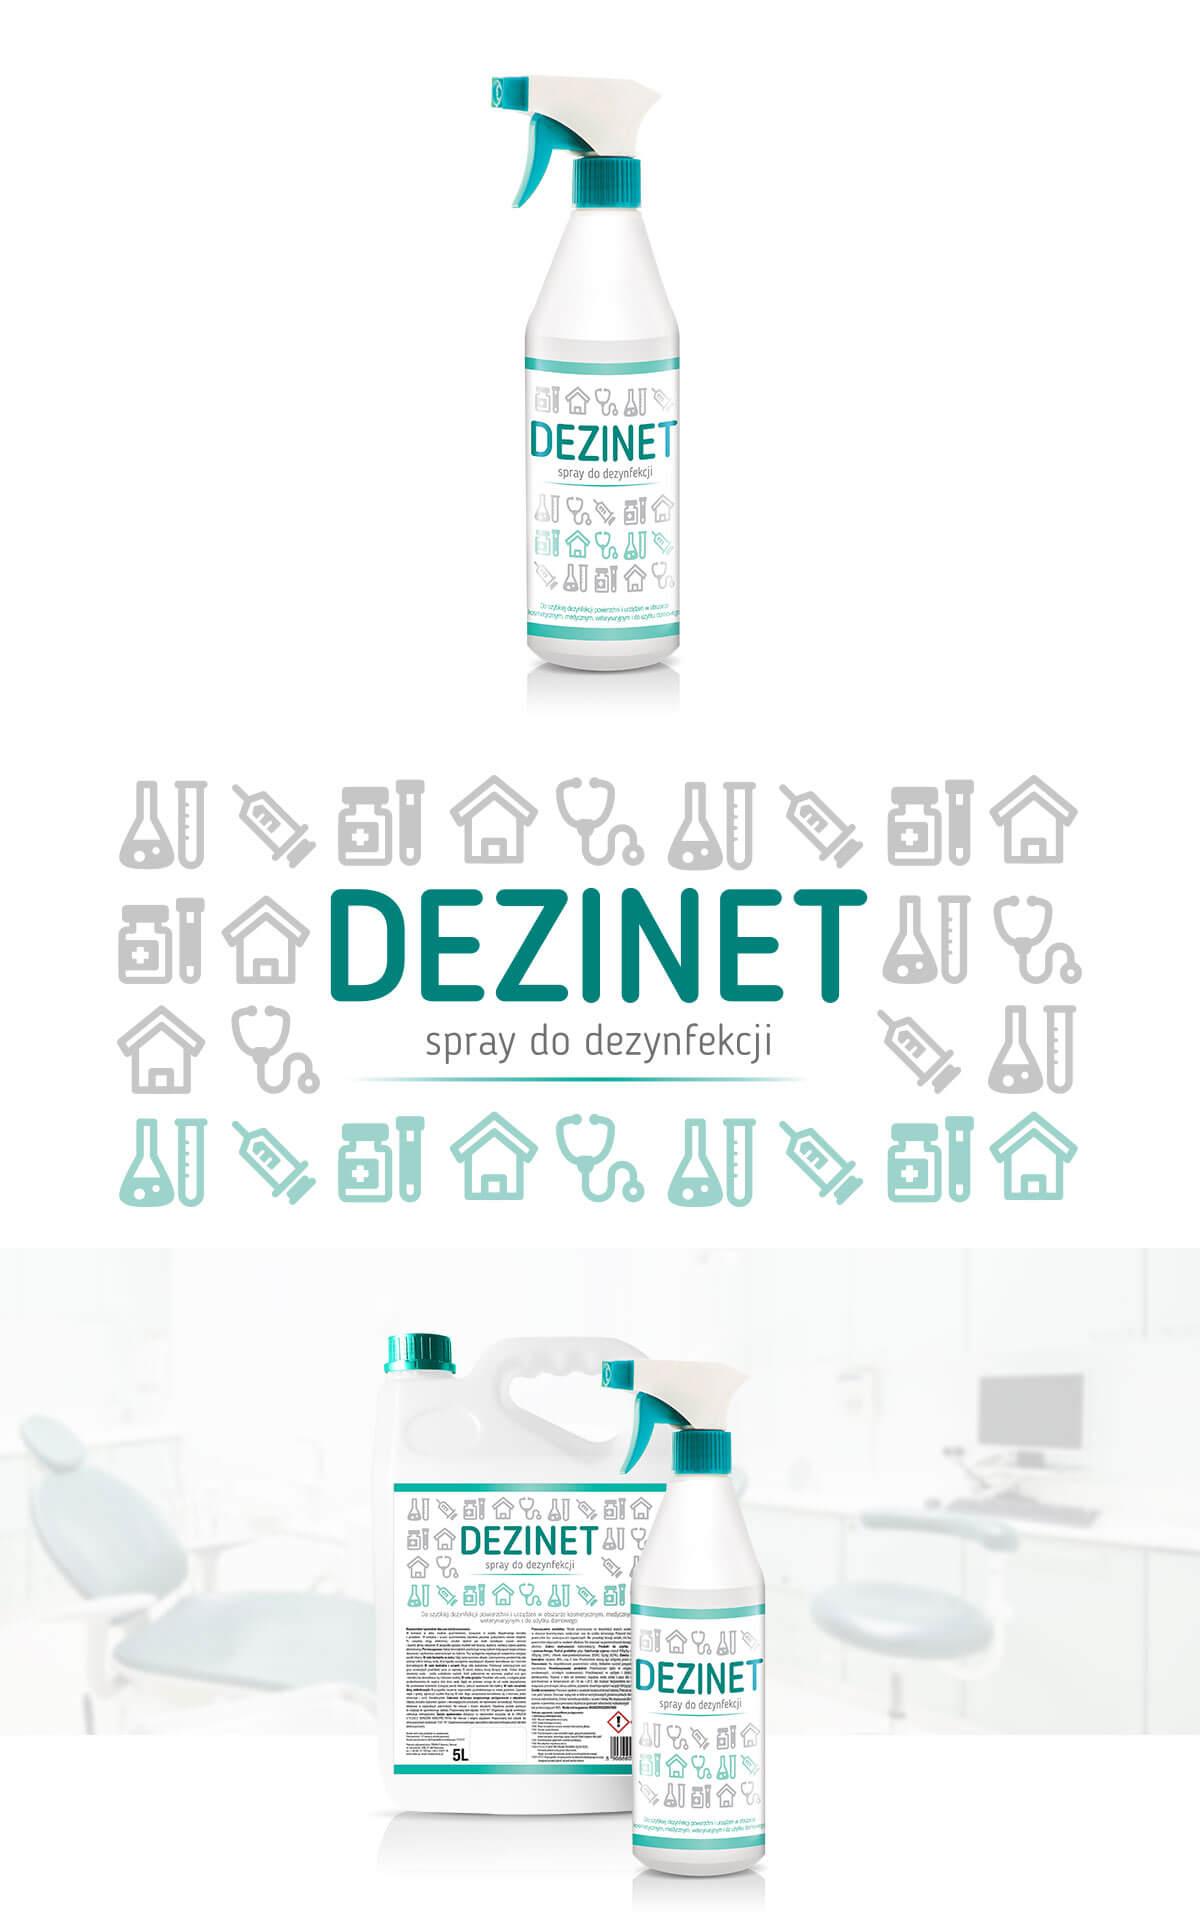 projekt etykiety środek do dezynfekcji